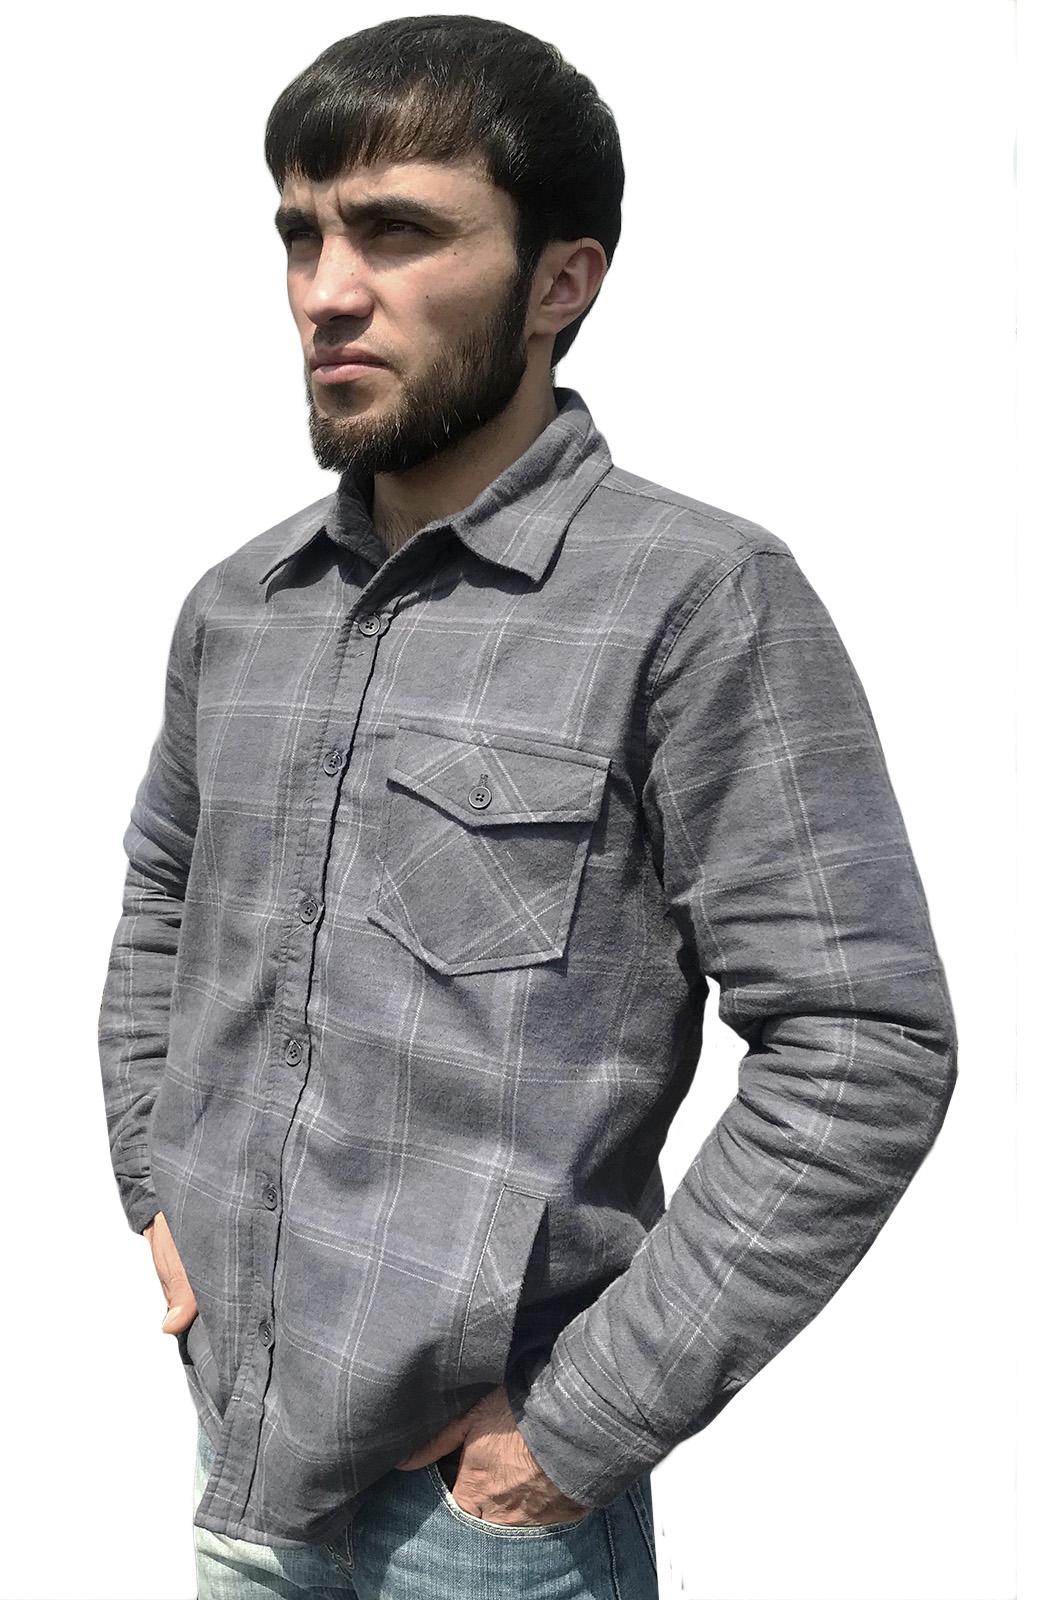 Мужская рубашка с шевроном ДШМГ купить в подарок